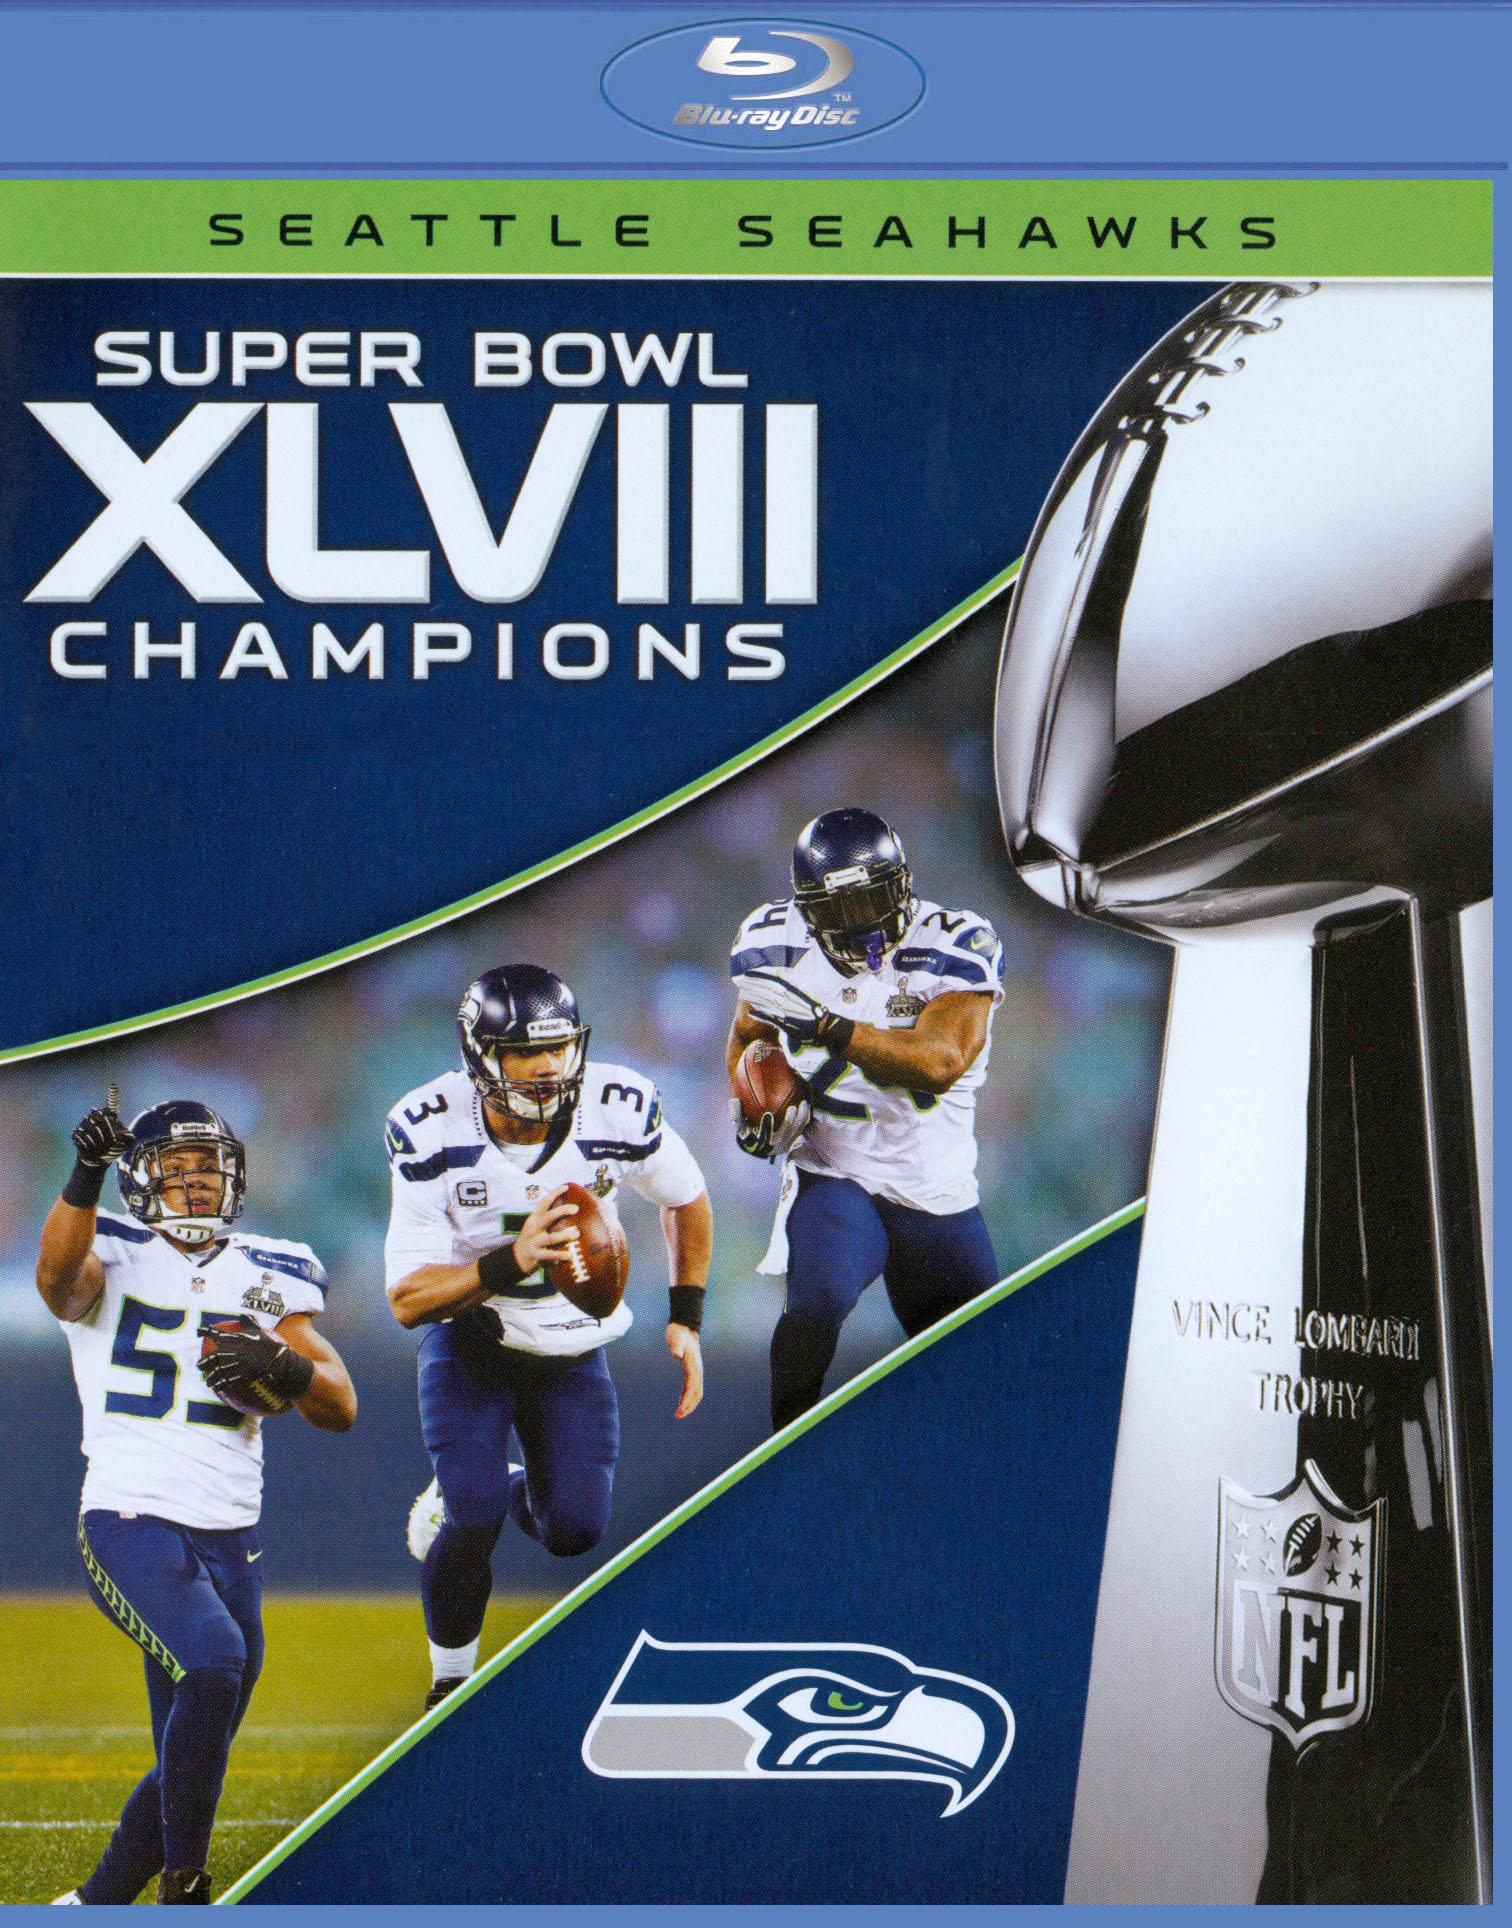 Nfl: Super Bowl Xlviii Champions [blu-ray] 3559095